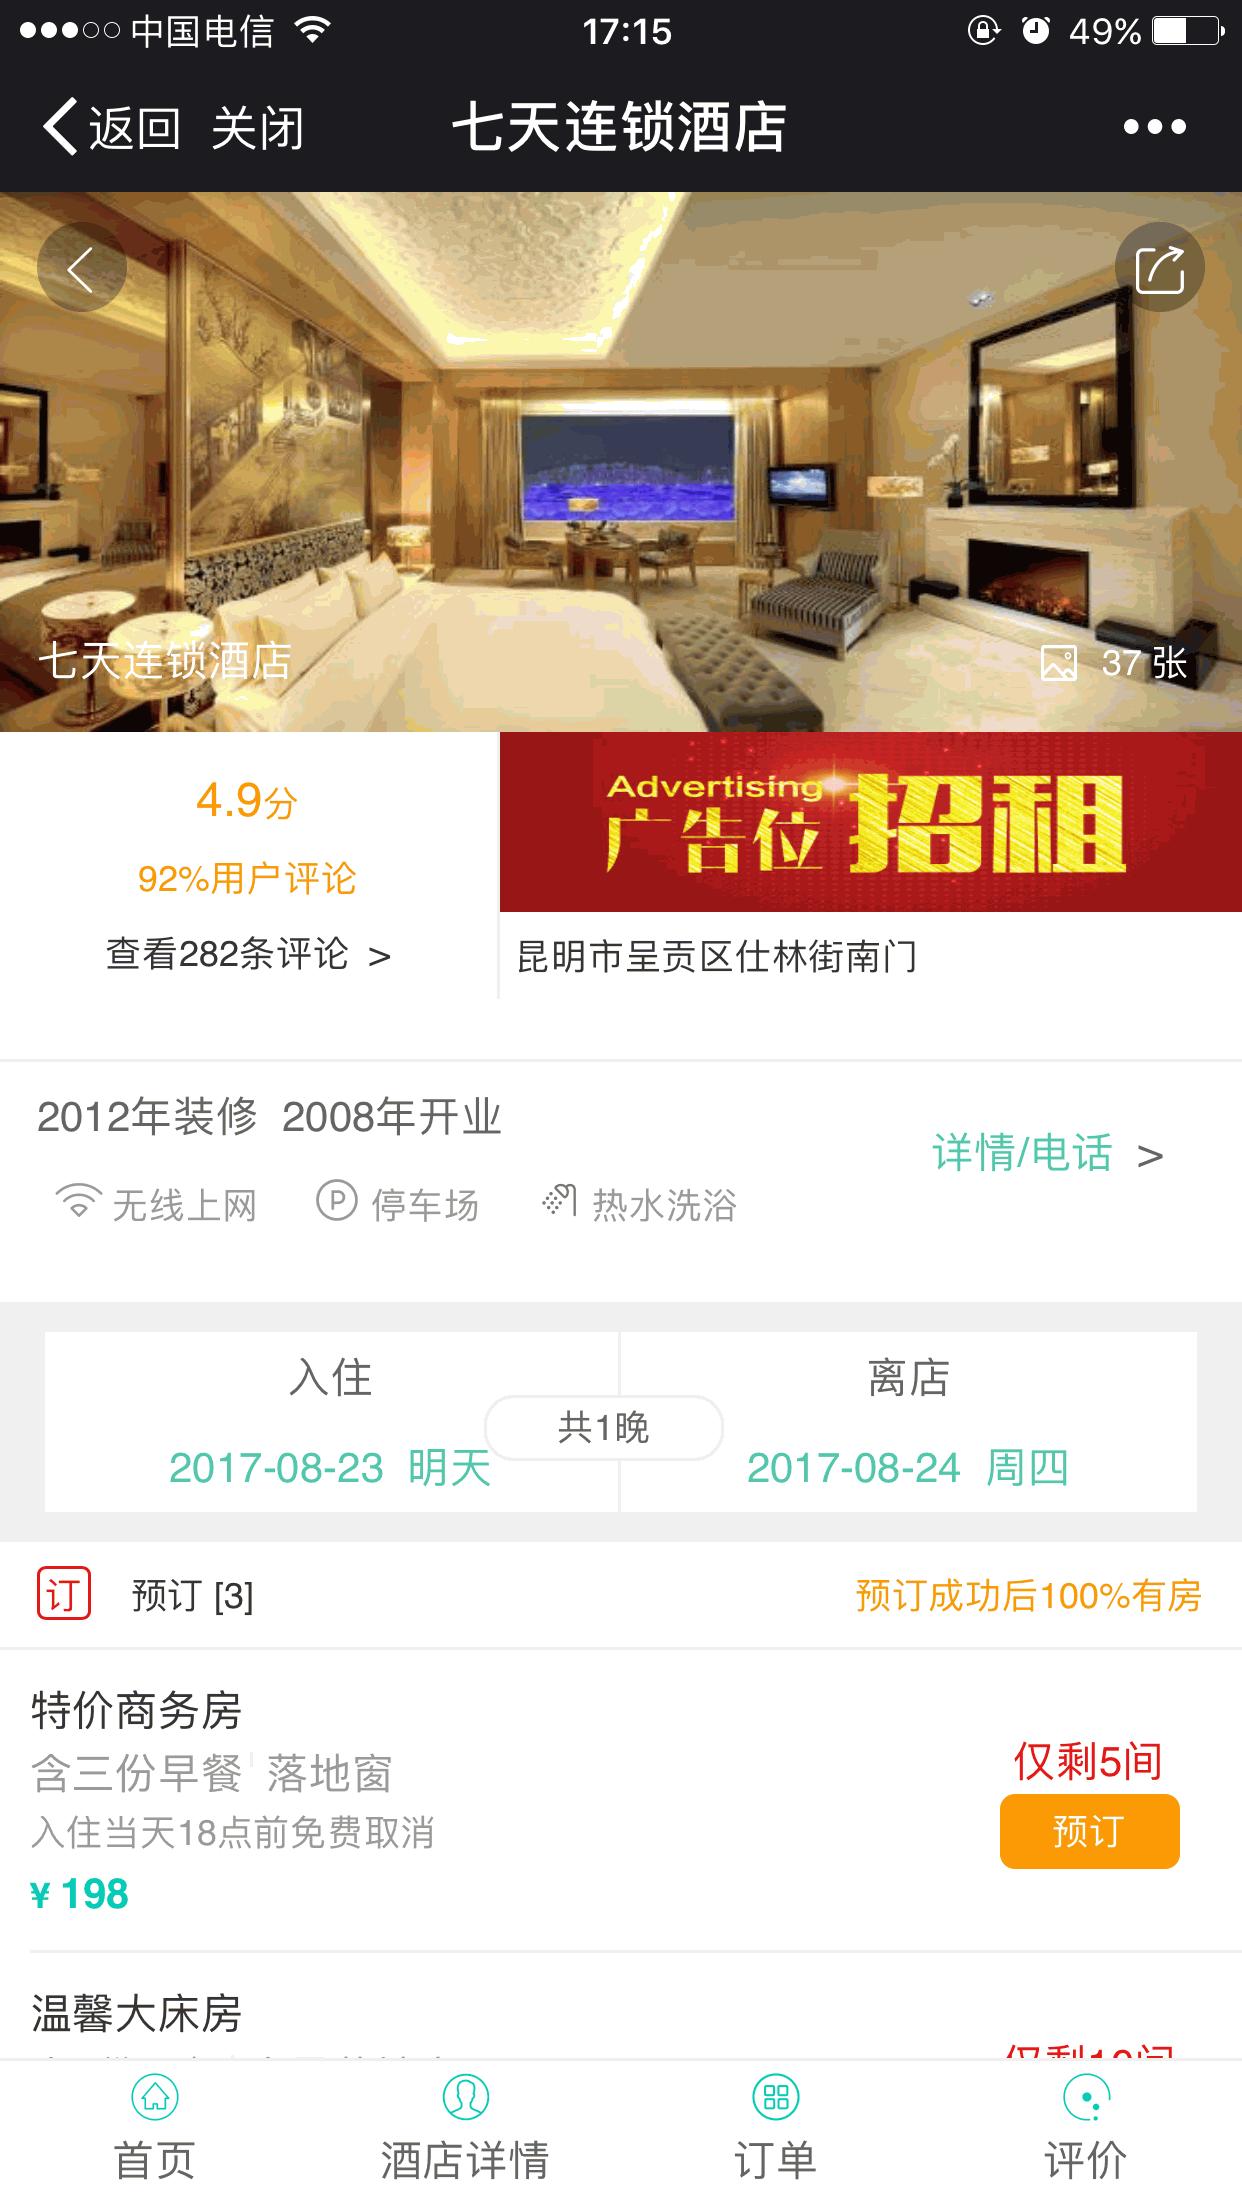 微酒店单店版 1.1.6 微信微赞通用 高仿美团酒店购买流程和界面 后台酒店基础信息全自定义等